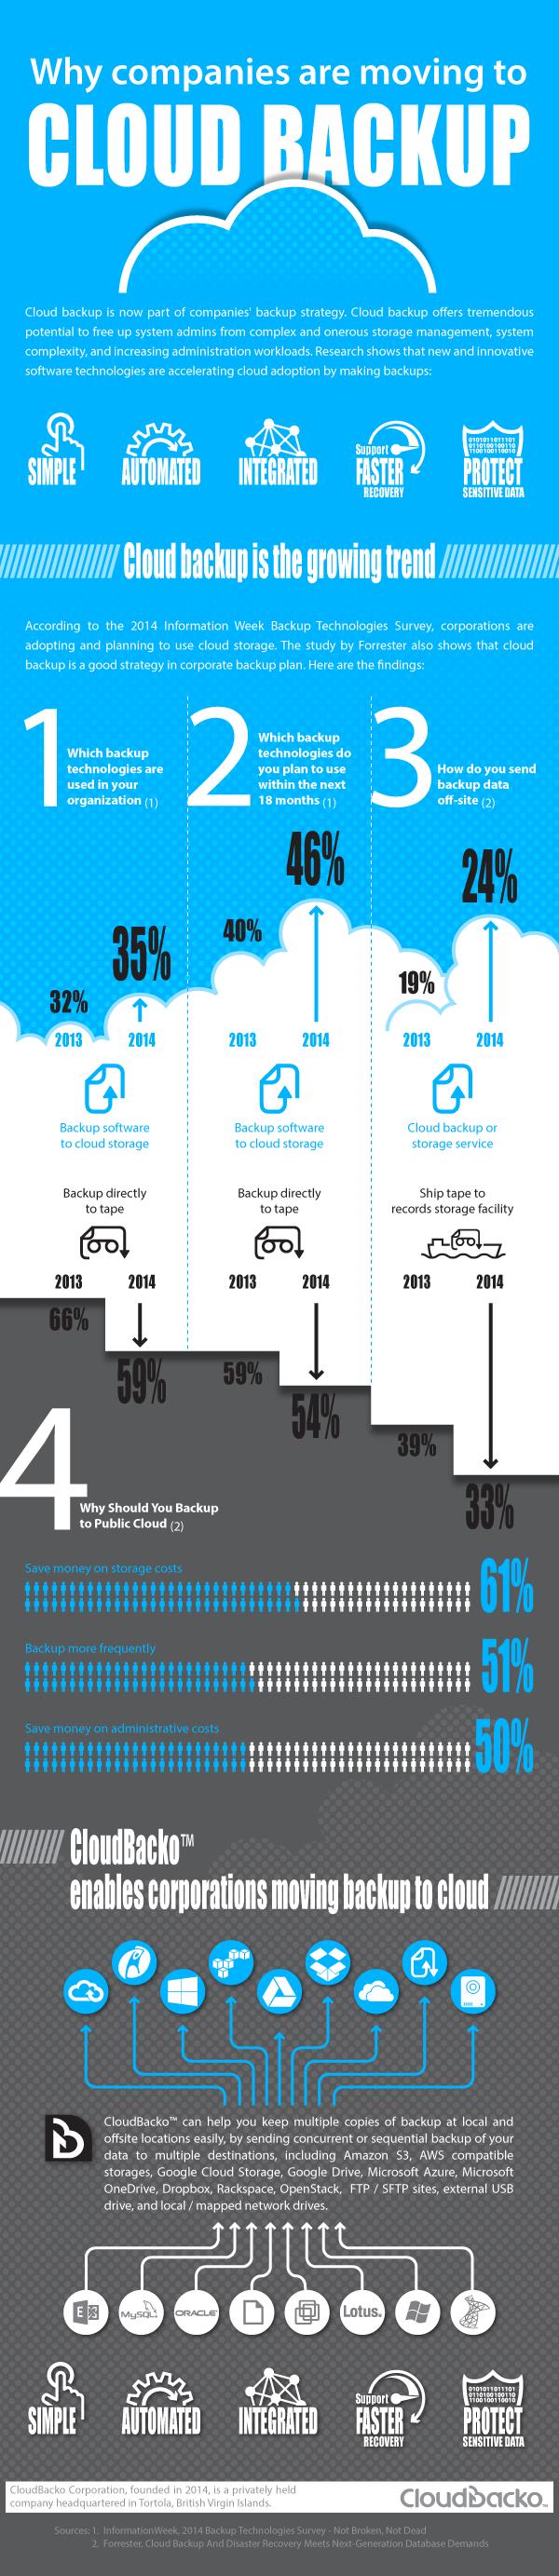 Las empresas se van a las copias de seguridad online | Infografias ...